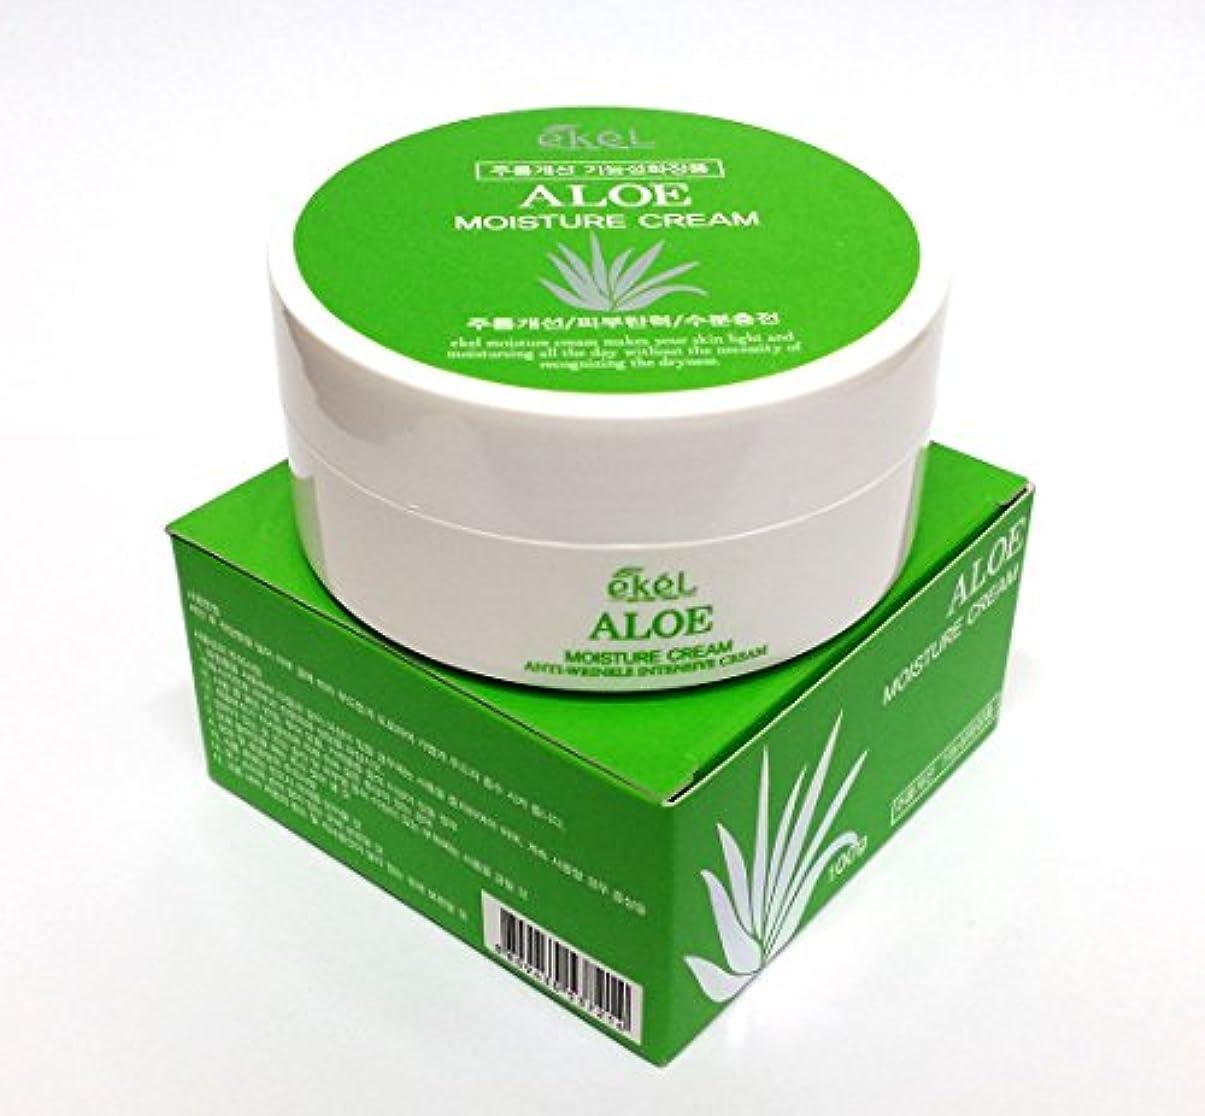 こんにちはおもてなし候補者[Ekel] アロエモイスチャークリーム100g / Aloe Moisture cream 100g / しわ、アロエベラオイルフリー / wrinkles, Aloe Vera Oil-Free / 韓国化粧品 /...